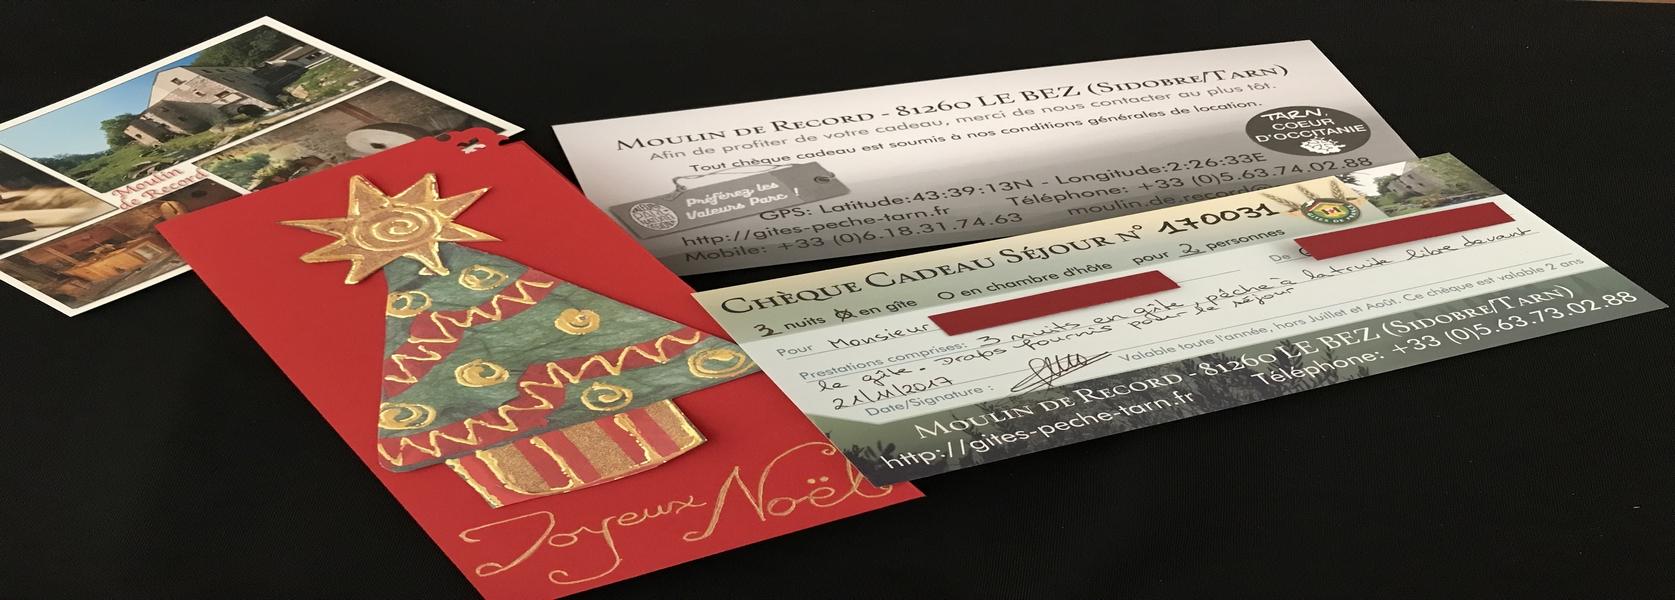 Nos Cartes Cadeau Séjour - le cadeau idéal pour Noël